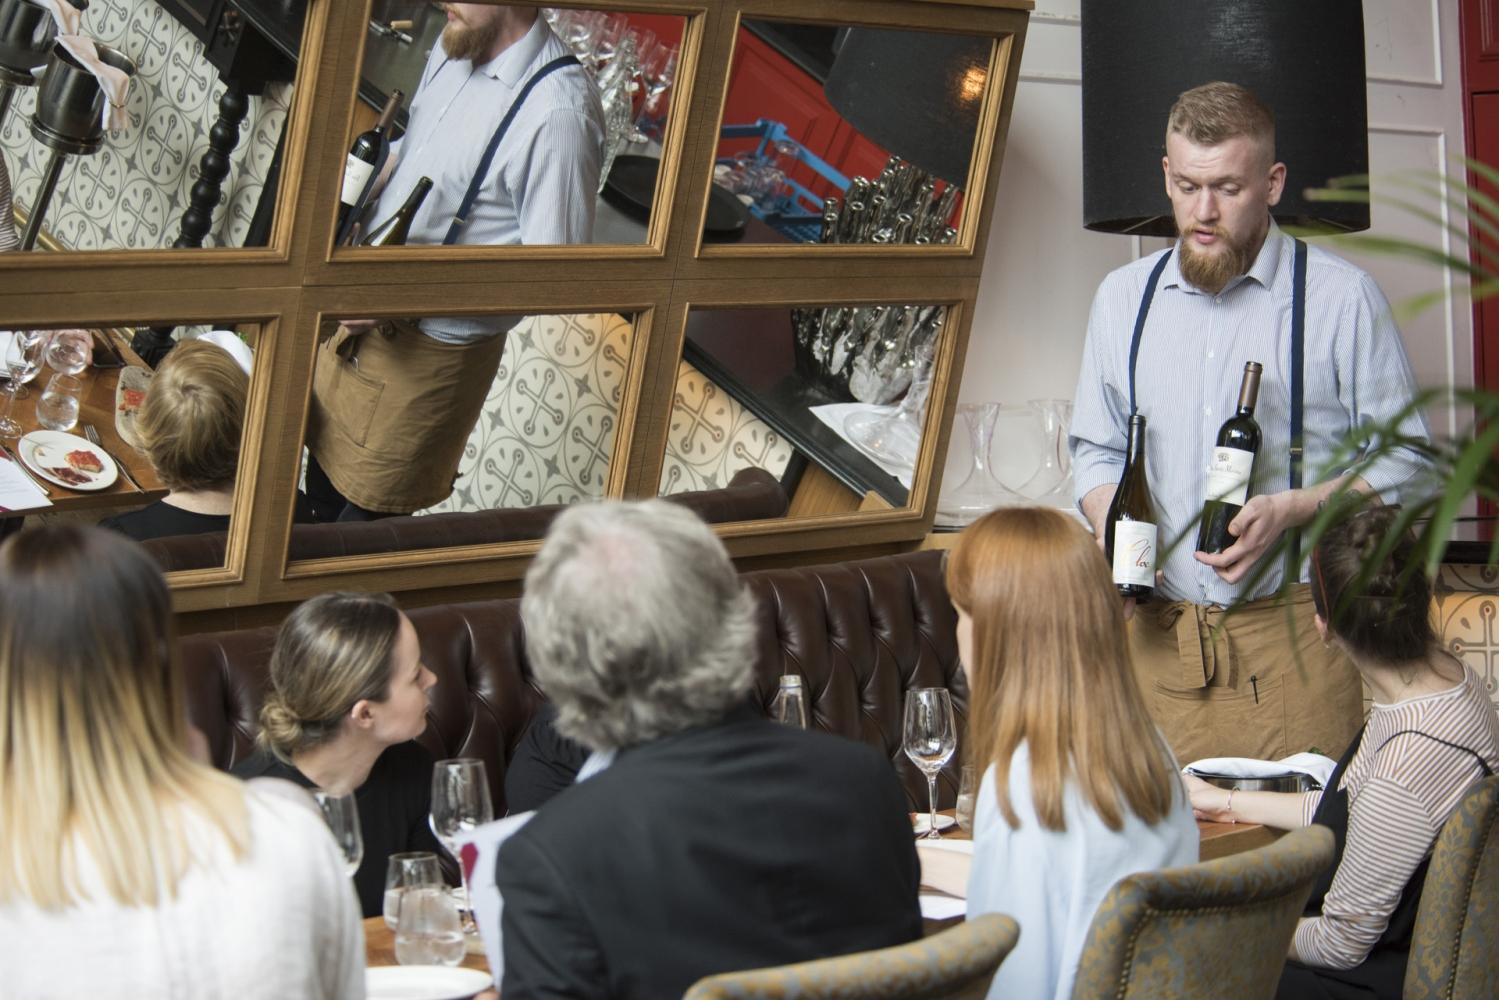 170619 Spinningfields Restaurant Tour Iberica Fazenda Australasia 170619 Mary Ellen Manchester Art Gallery Cafe Kwp 0145